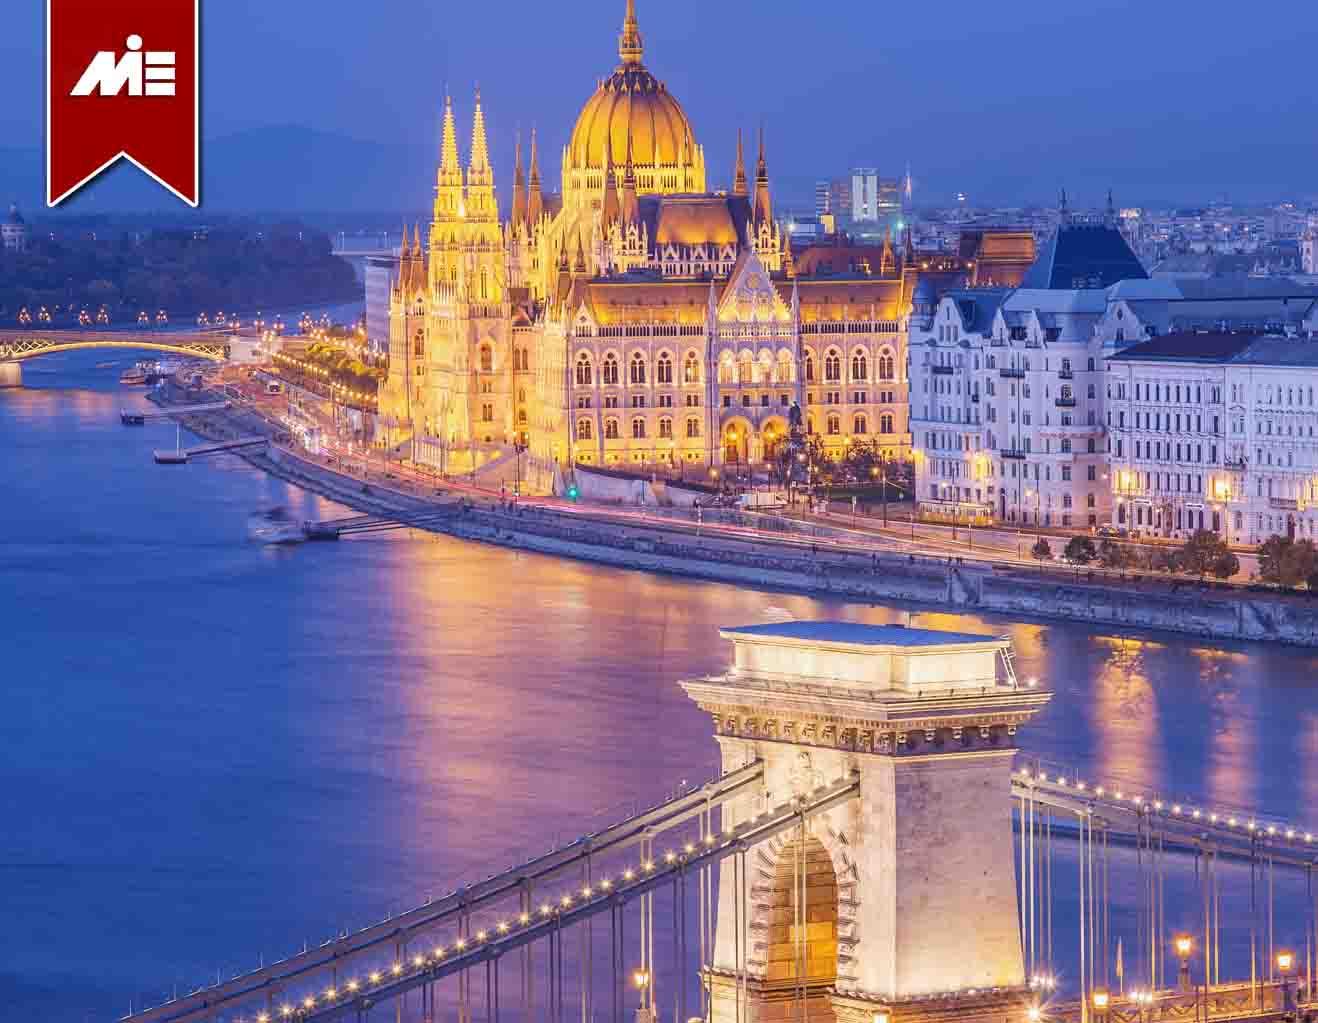 نتیجه تصویری برای خريد ملک در مجارستان